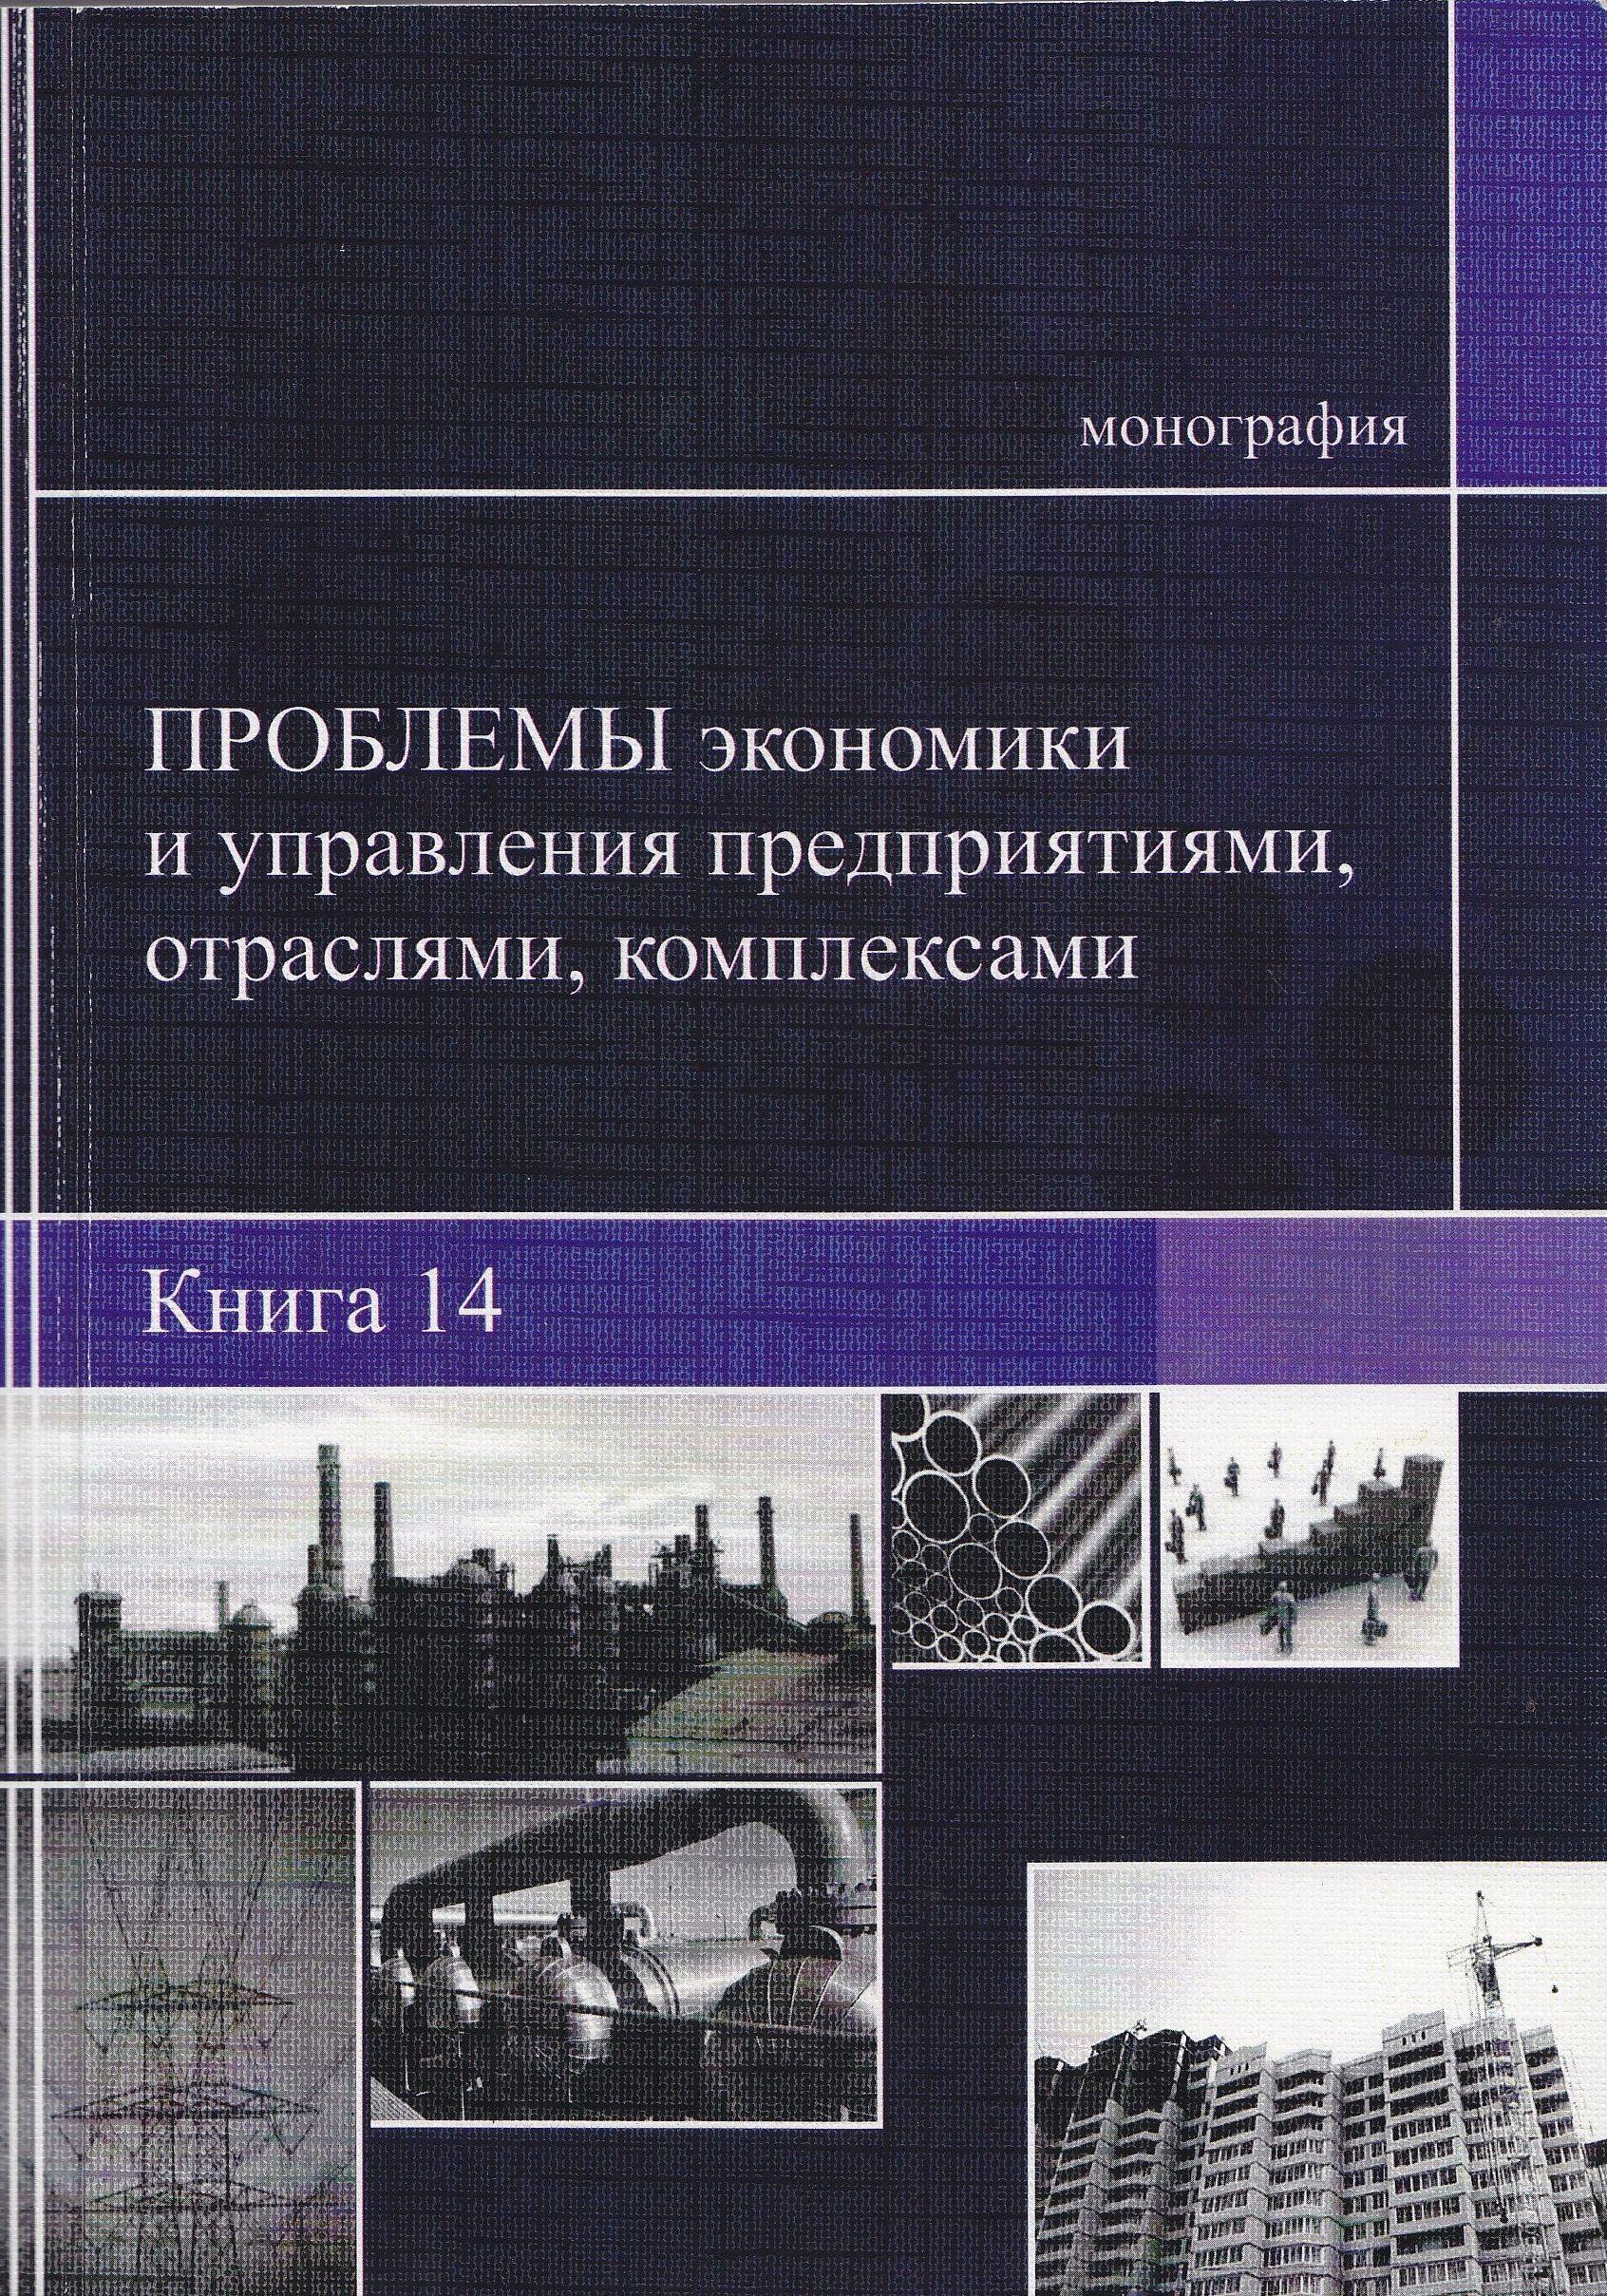 Себестоимость как объект и элемент экономического анализа в современной теории и практике отечественных предприятий